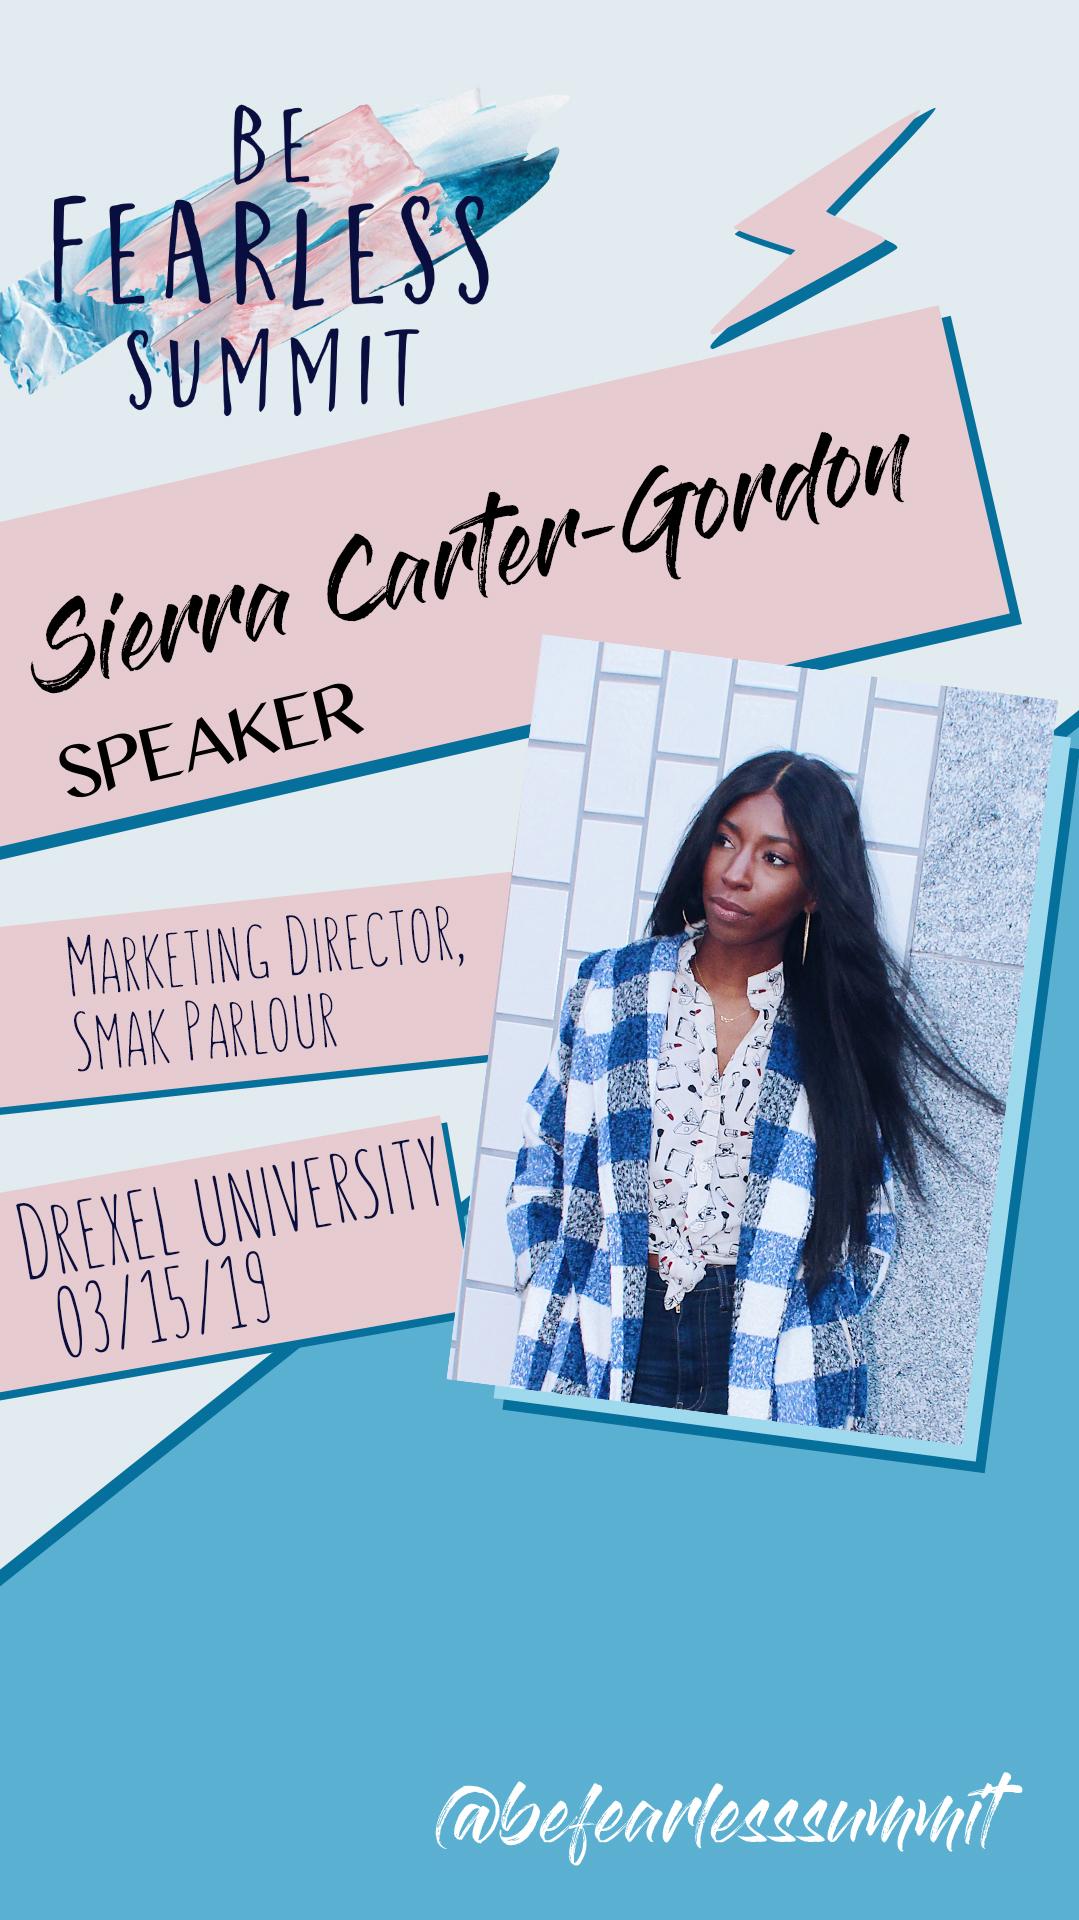 Sierra Carter-Gordon_new (2).jpg